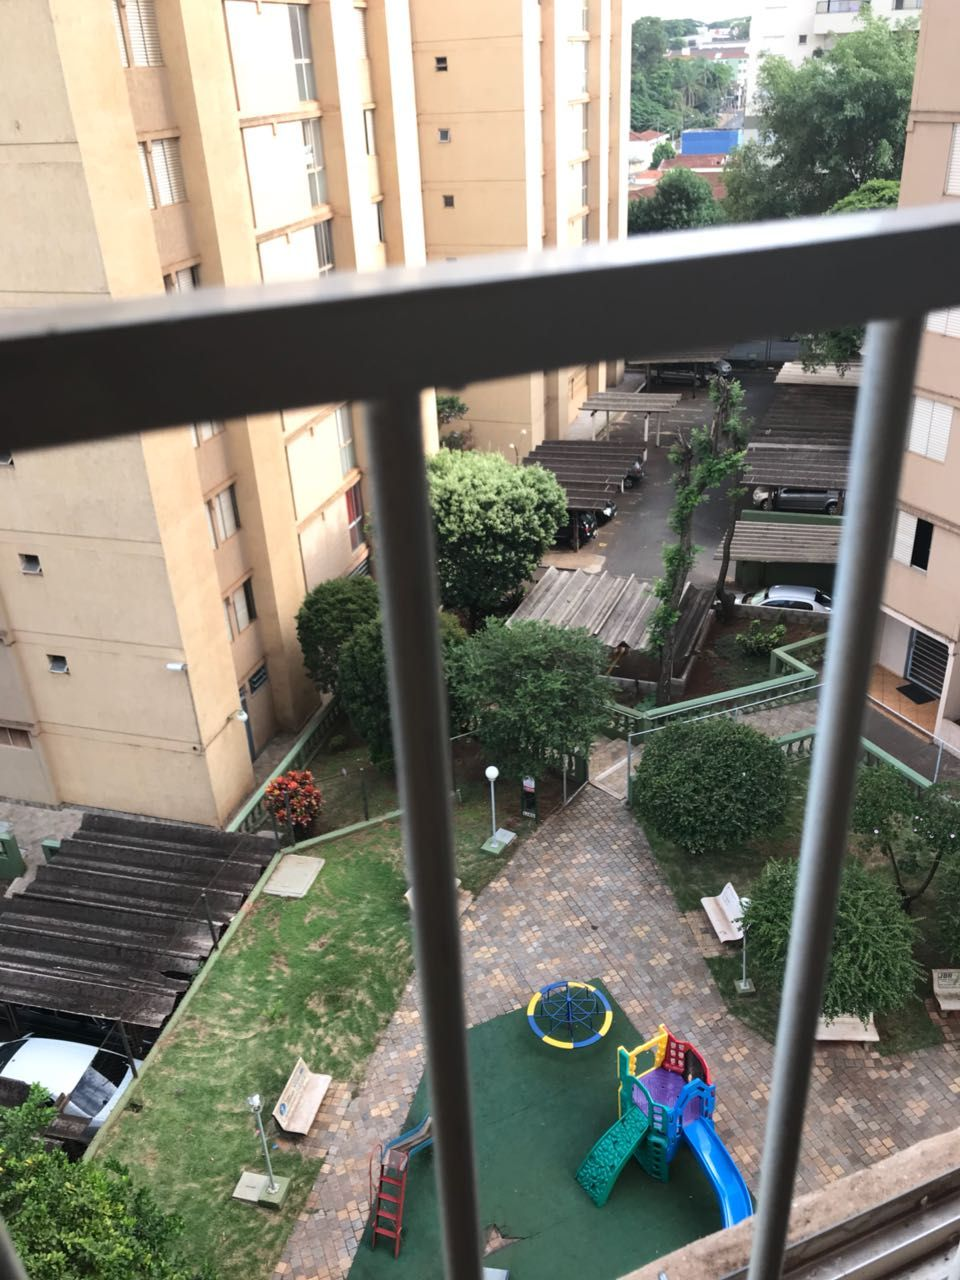 340 - Apto Jardim Paulista 57 m²